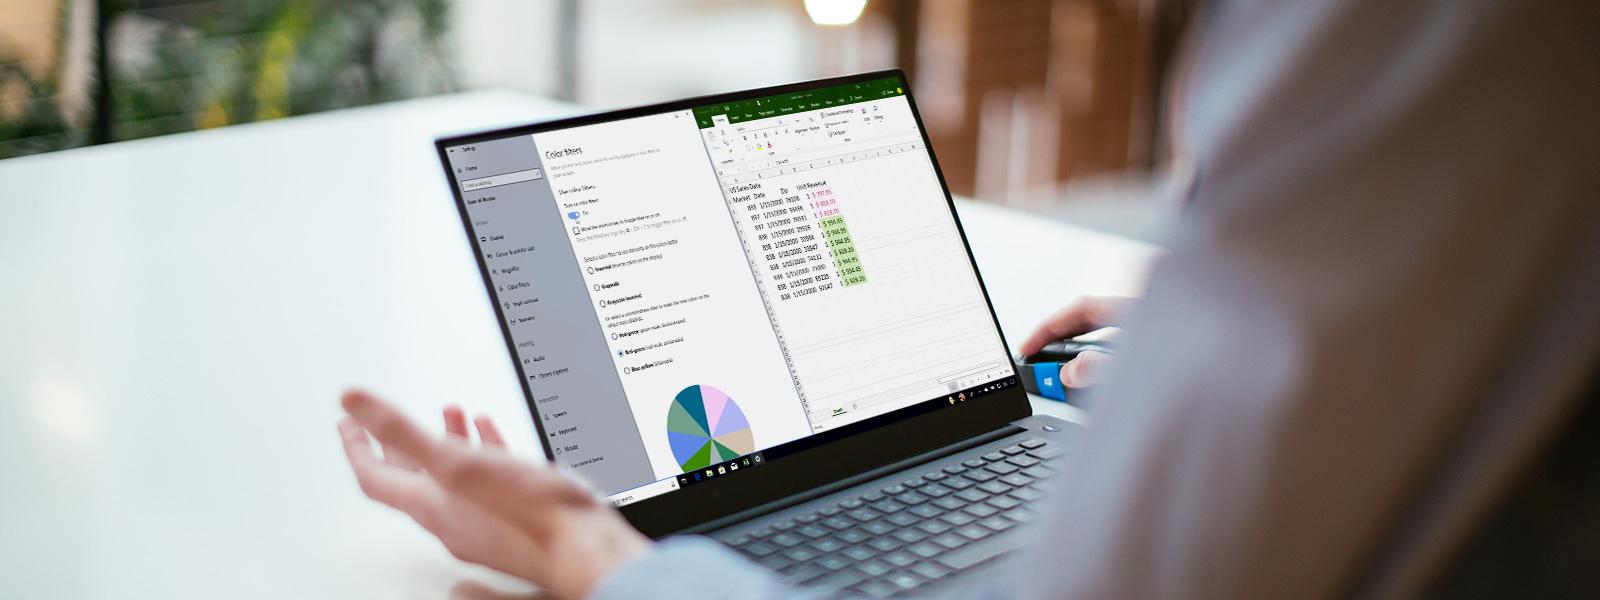 Windows 10에서 색 필터가 사용하도록 설정된 노트북 컴퓨터를 사용하는 사람